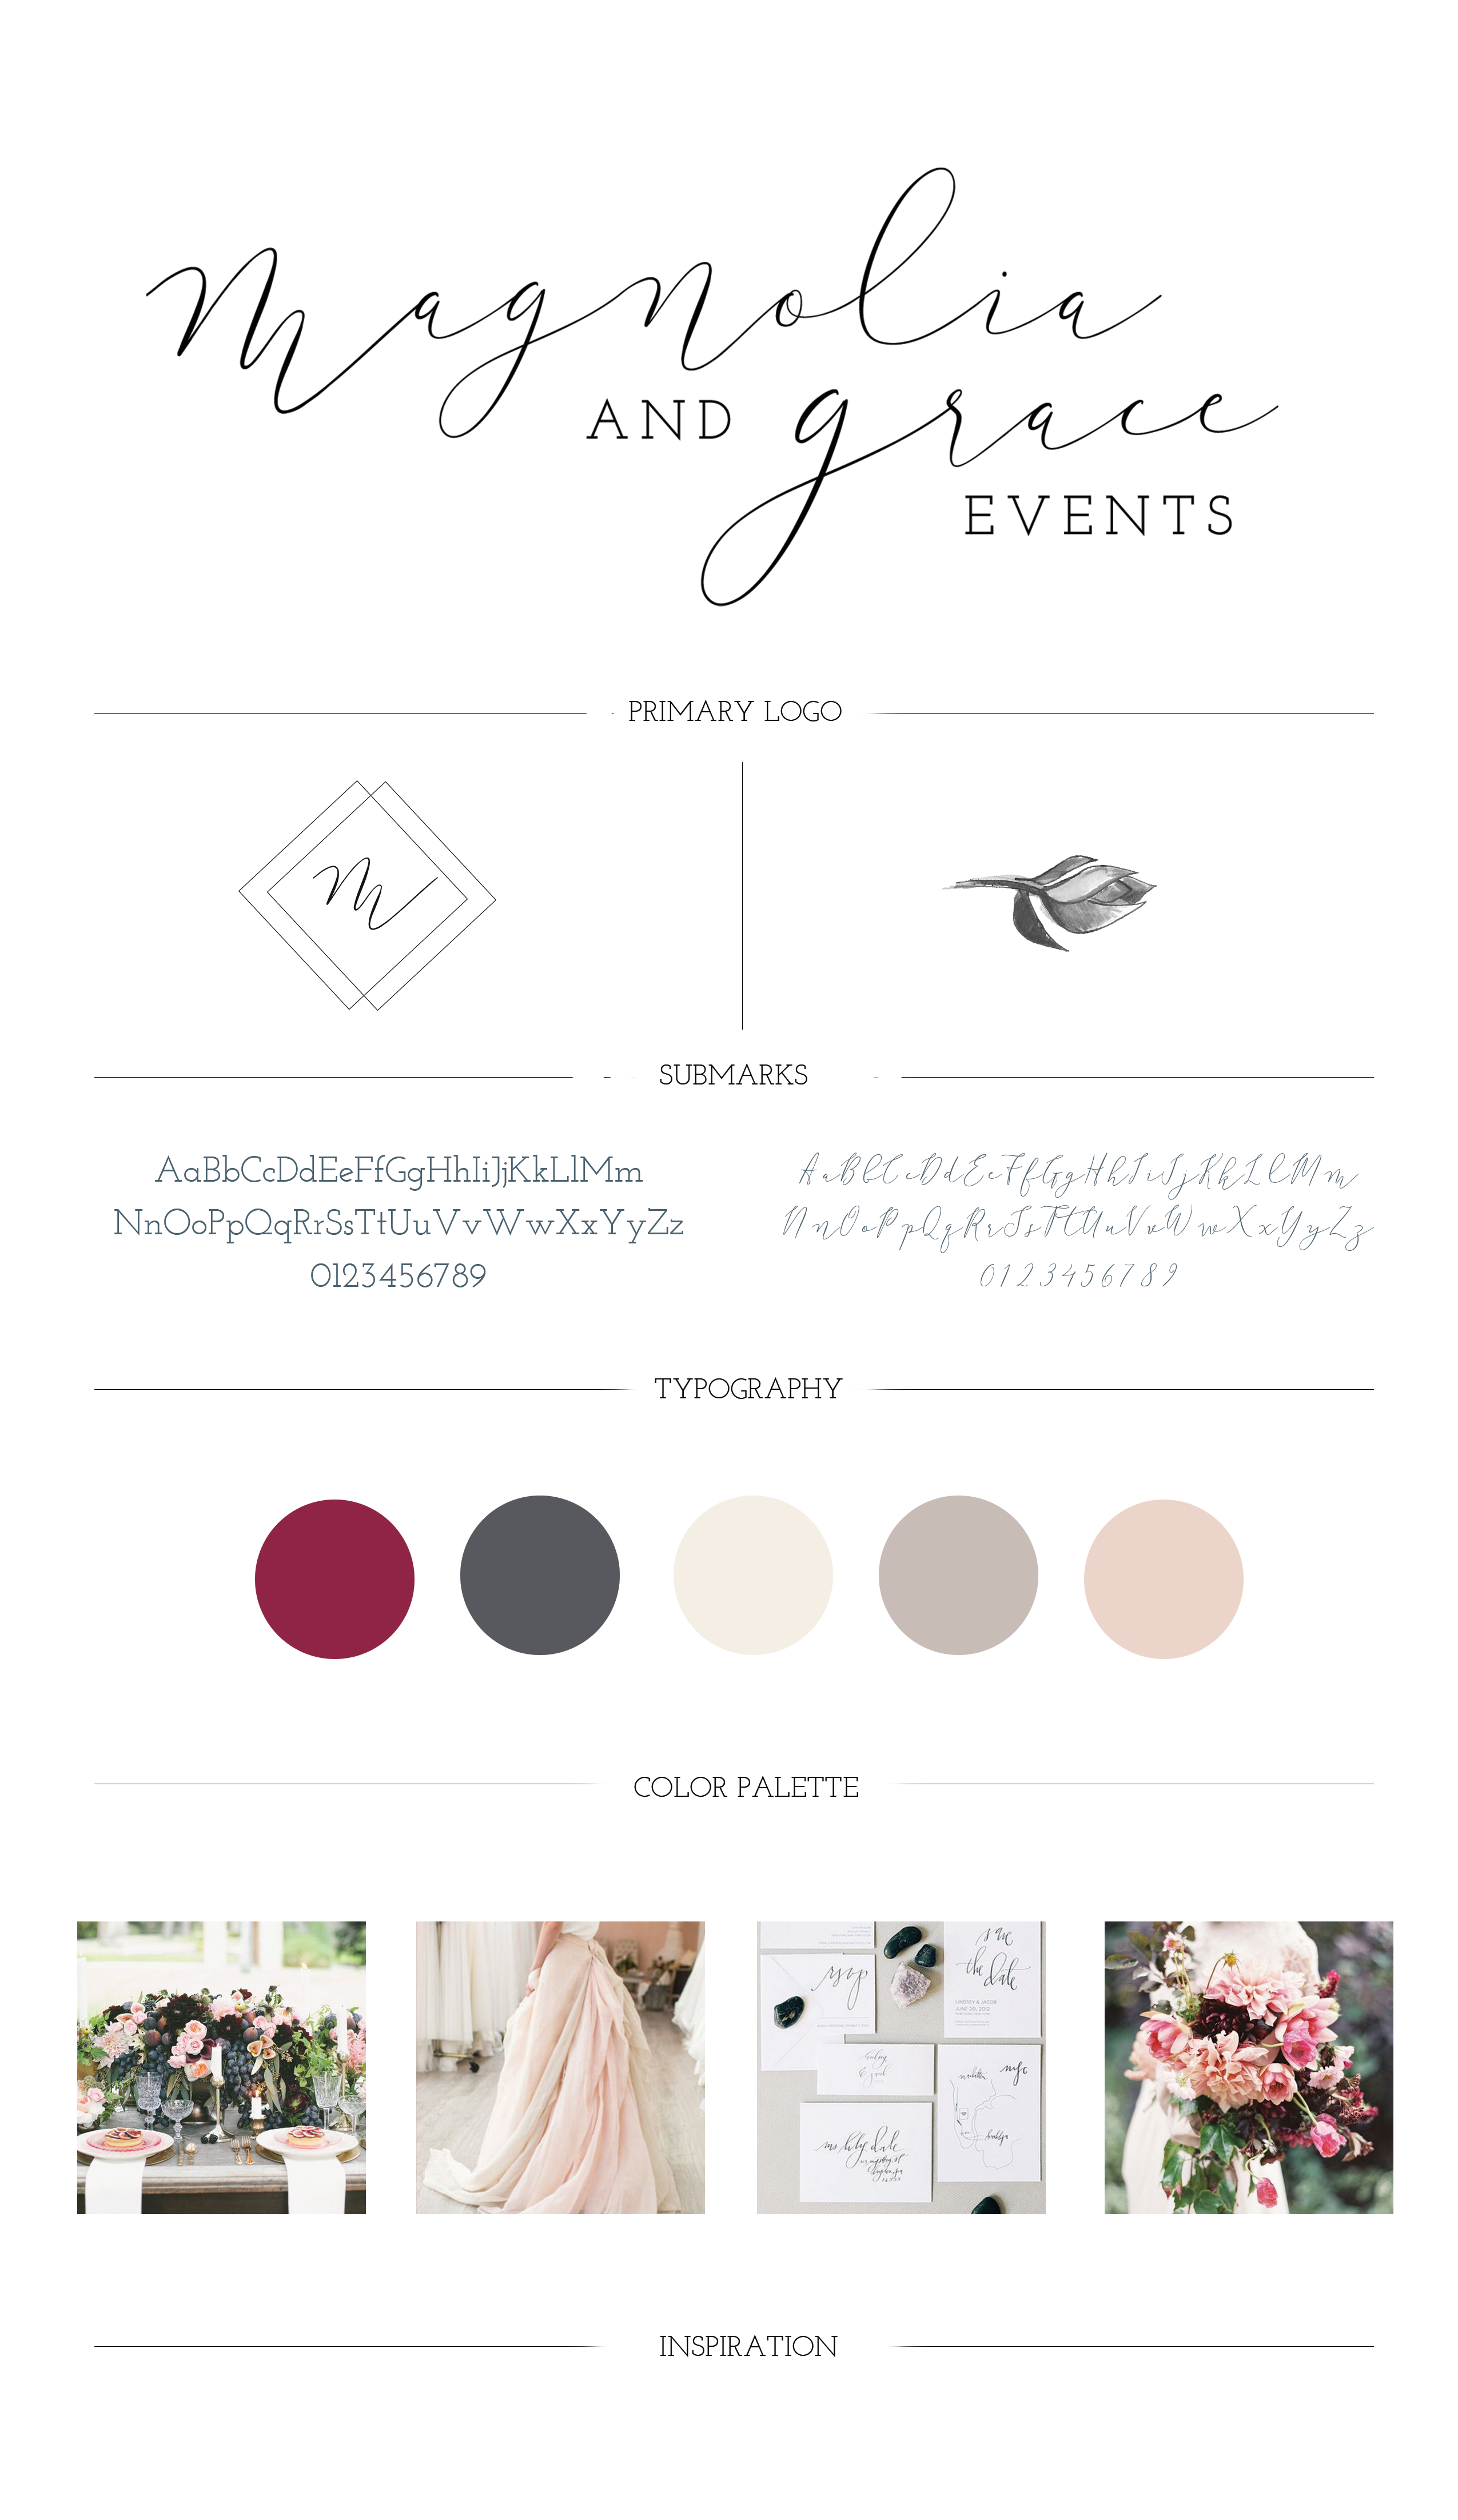 Magnolia & Grace Events Brand Guide